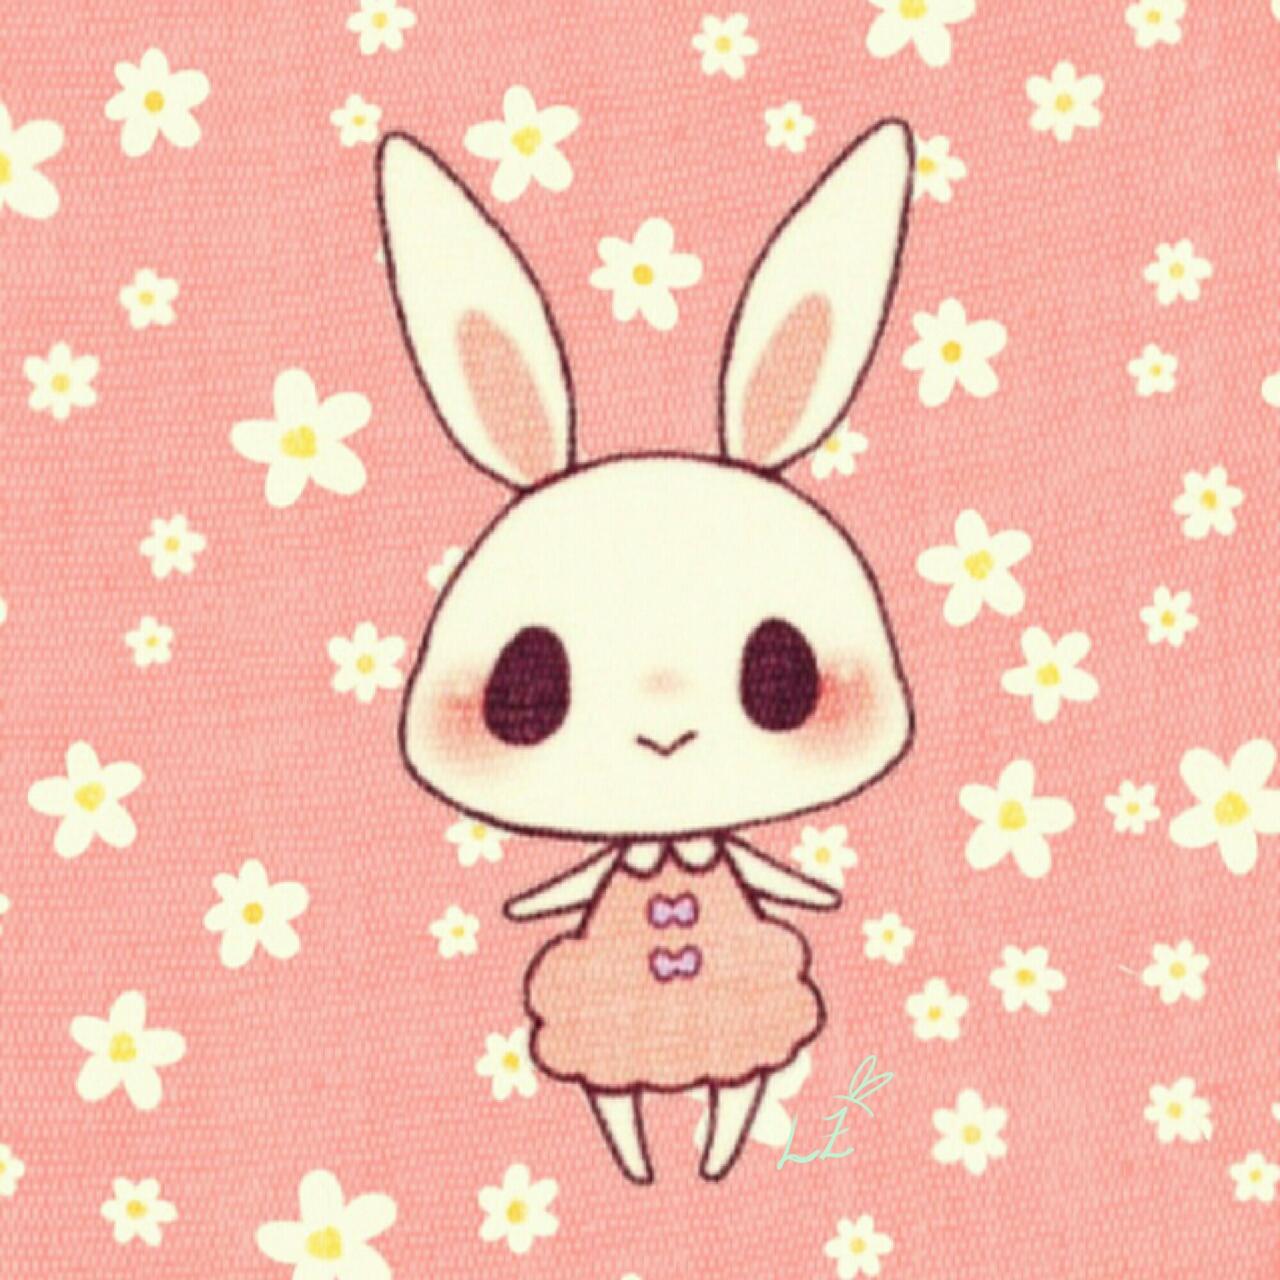 Kawaii bunny fondo de pantalla bloqueo by lazukiztrukiz on for Fondo de pantalla bloqueo